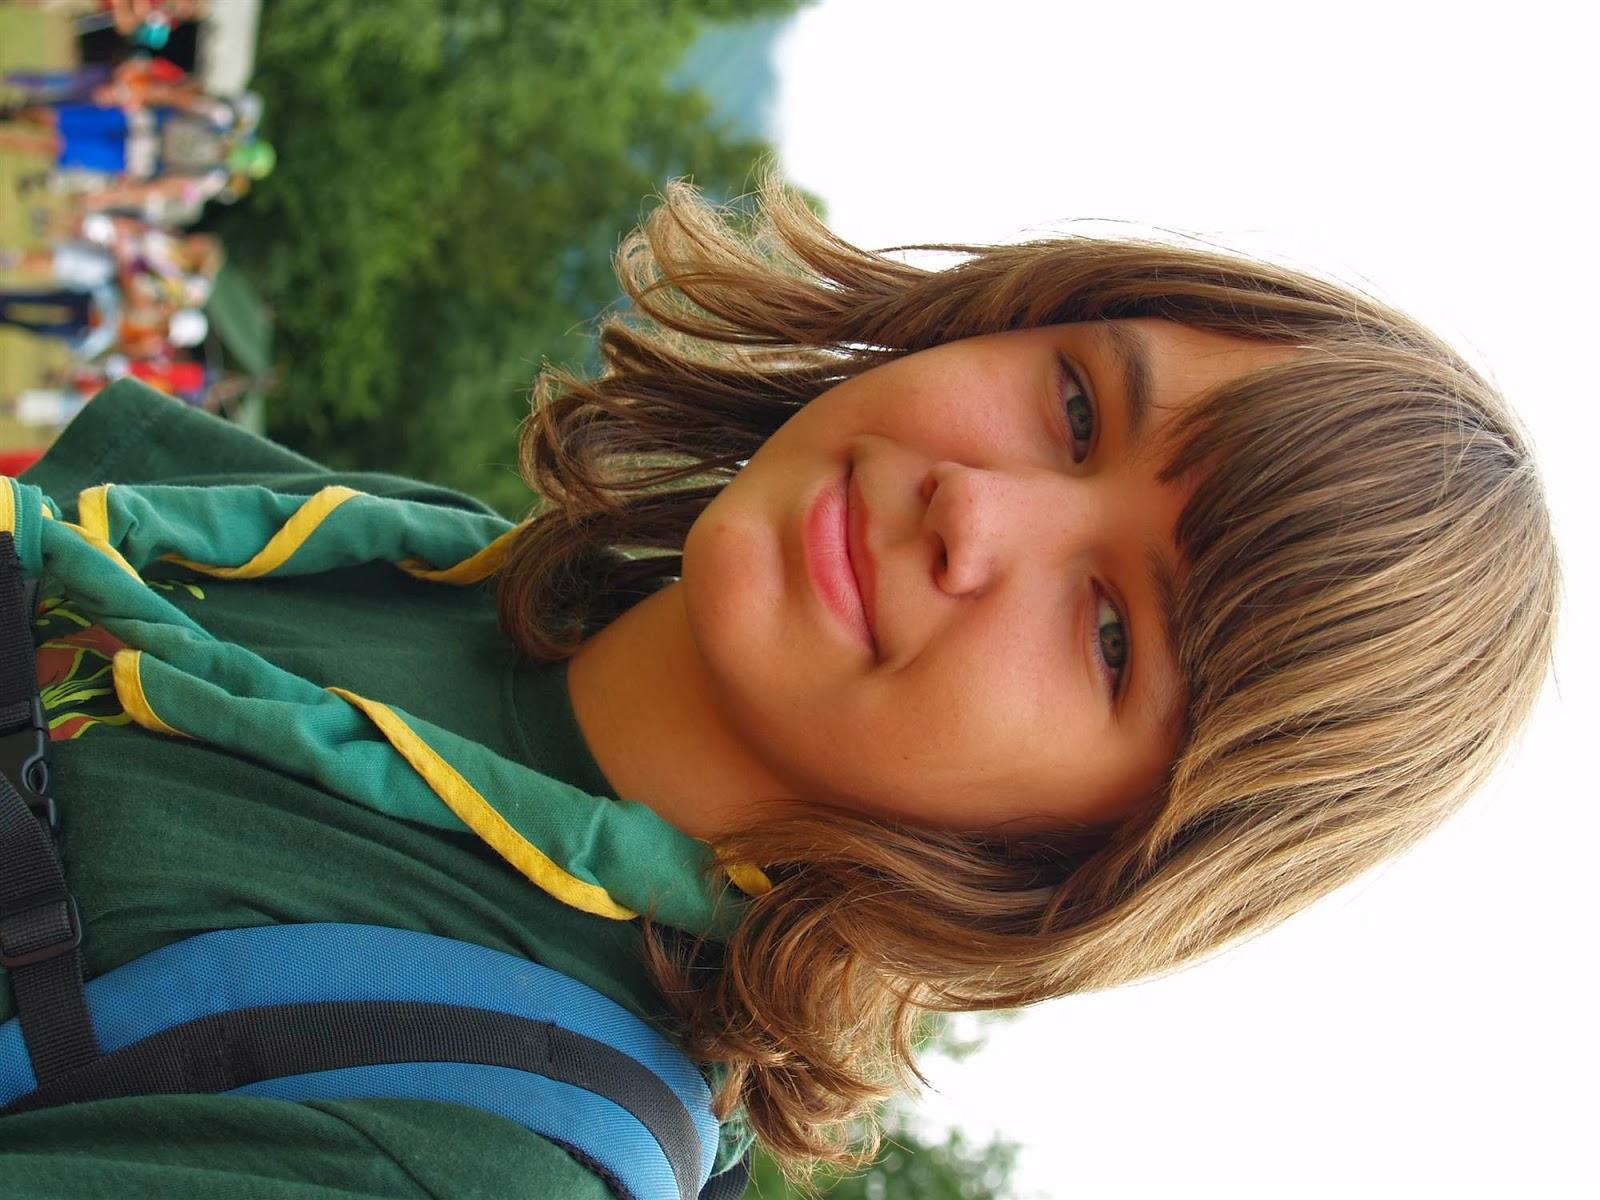 Taborjenje, Nadiža 2007 - P0117573.JPG